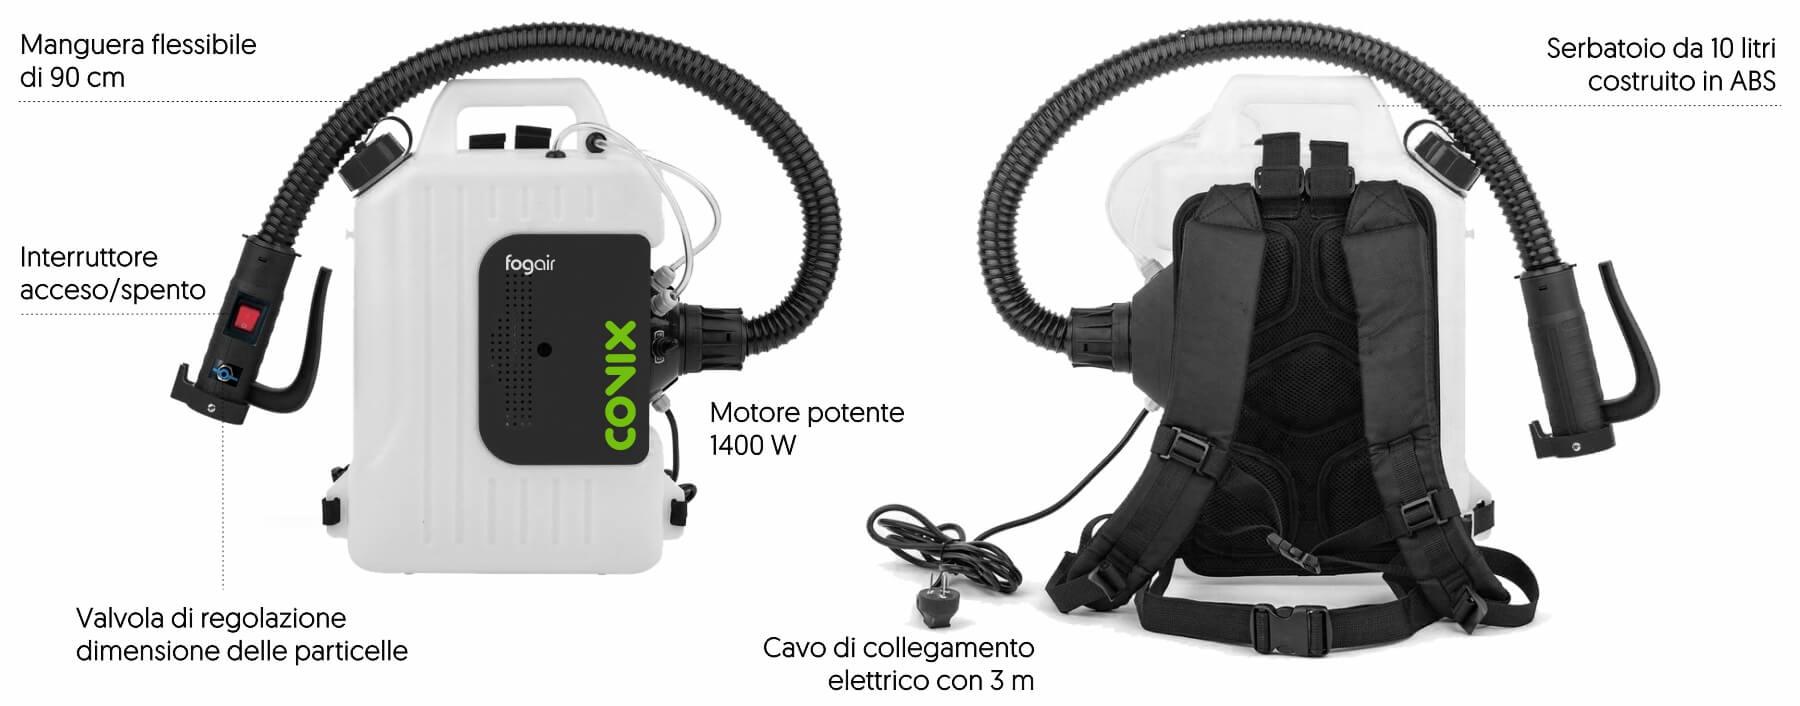 Nebulizzatore per la disinfezione di aree e condotti di condizionamento dell'aria.